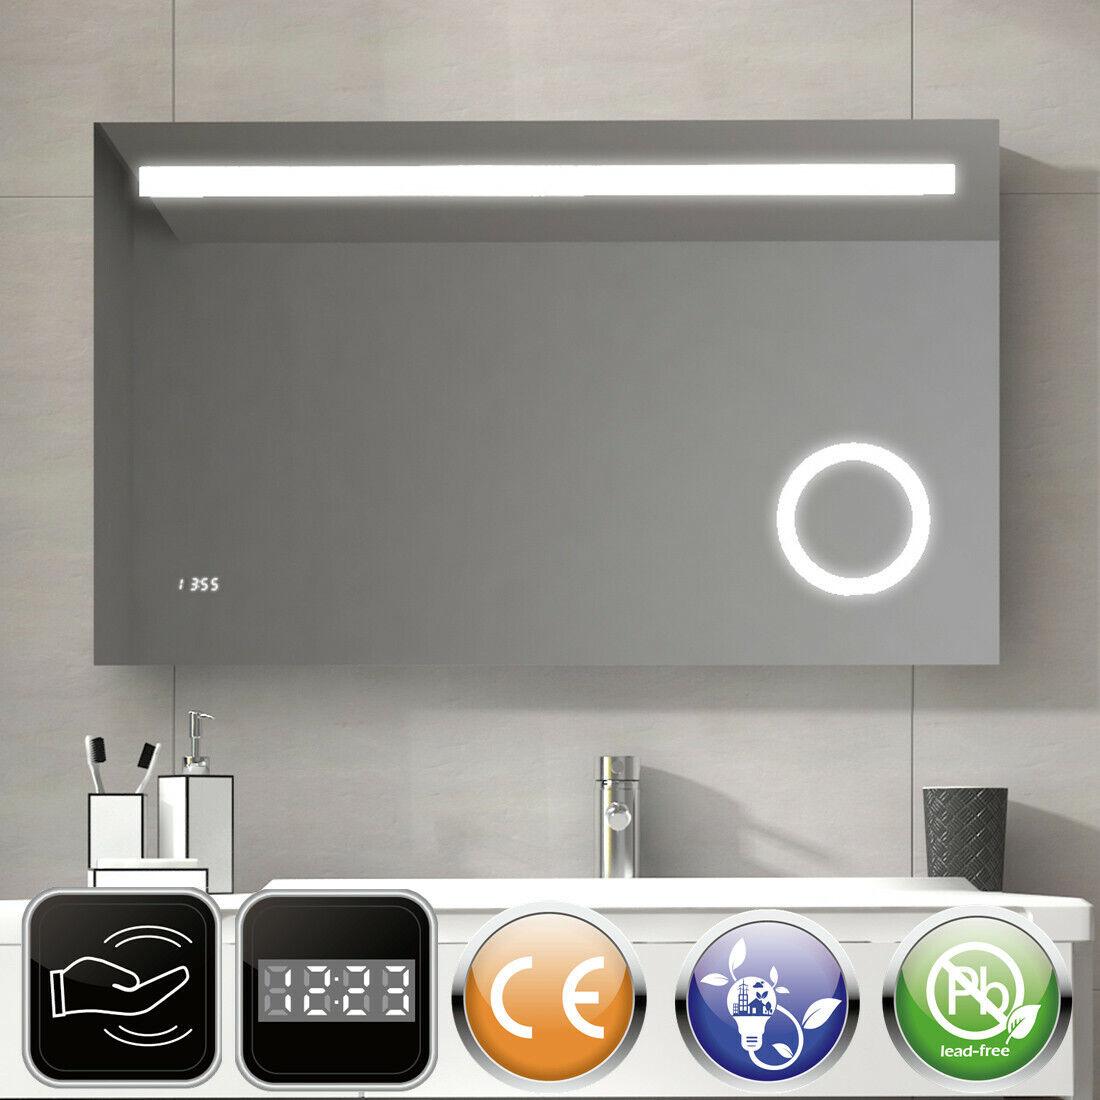 LED Badspiegel Lichtspiegel Spiegel mit Beleuchtung mit Sensor Uhr 80x60 100x60